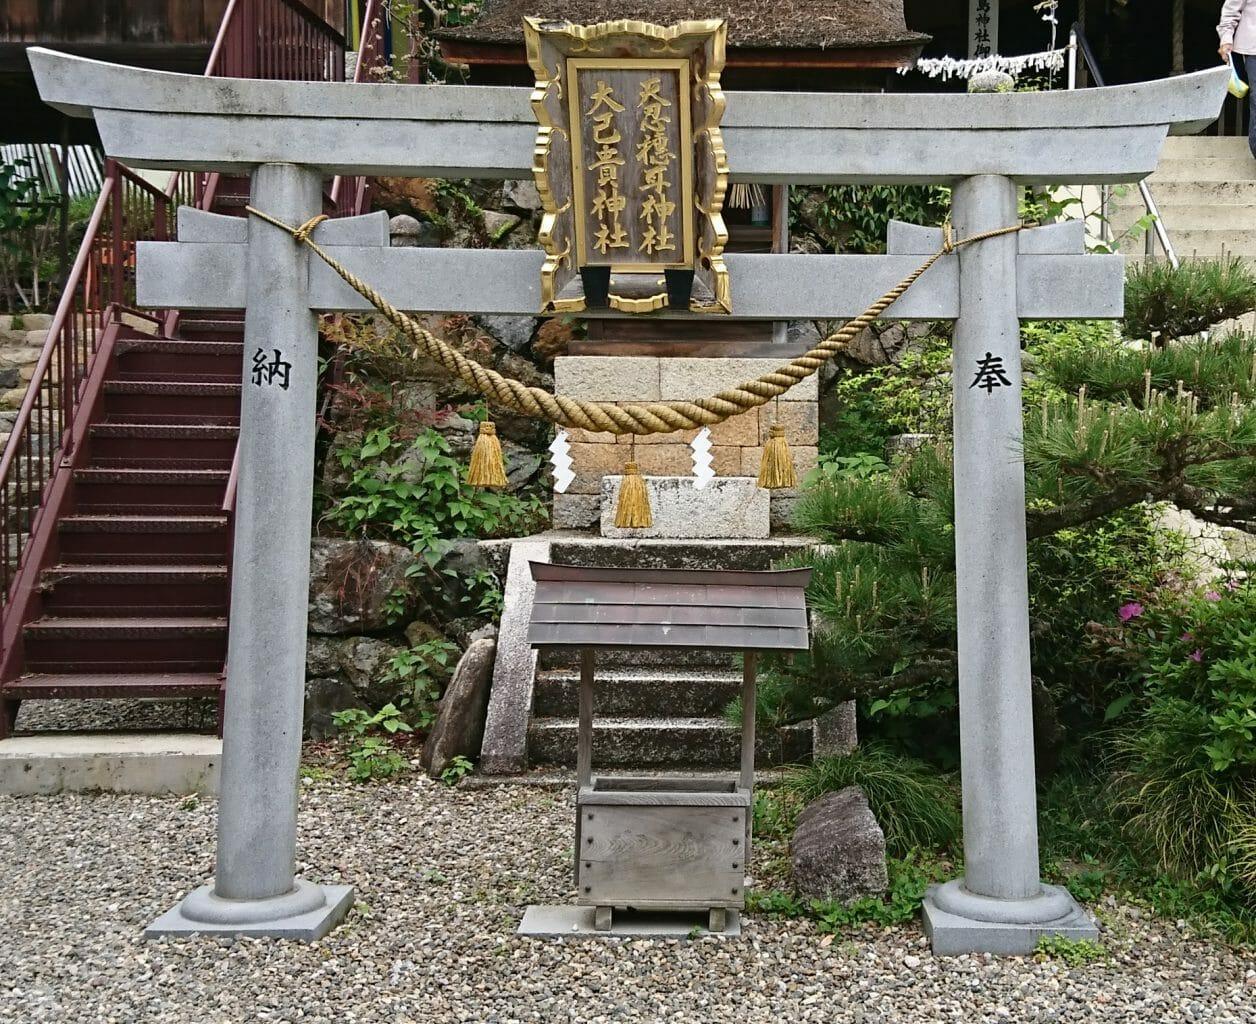 竹生島にある都久夫須麻神社の境内の天忍穂耳神社と大己貴神社